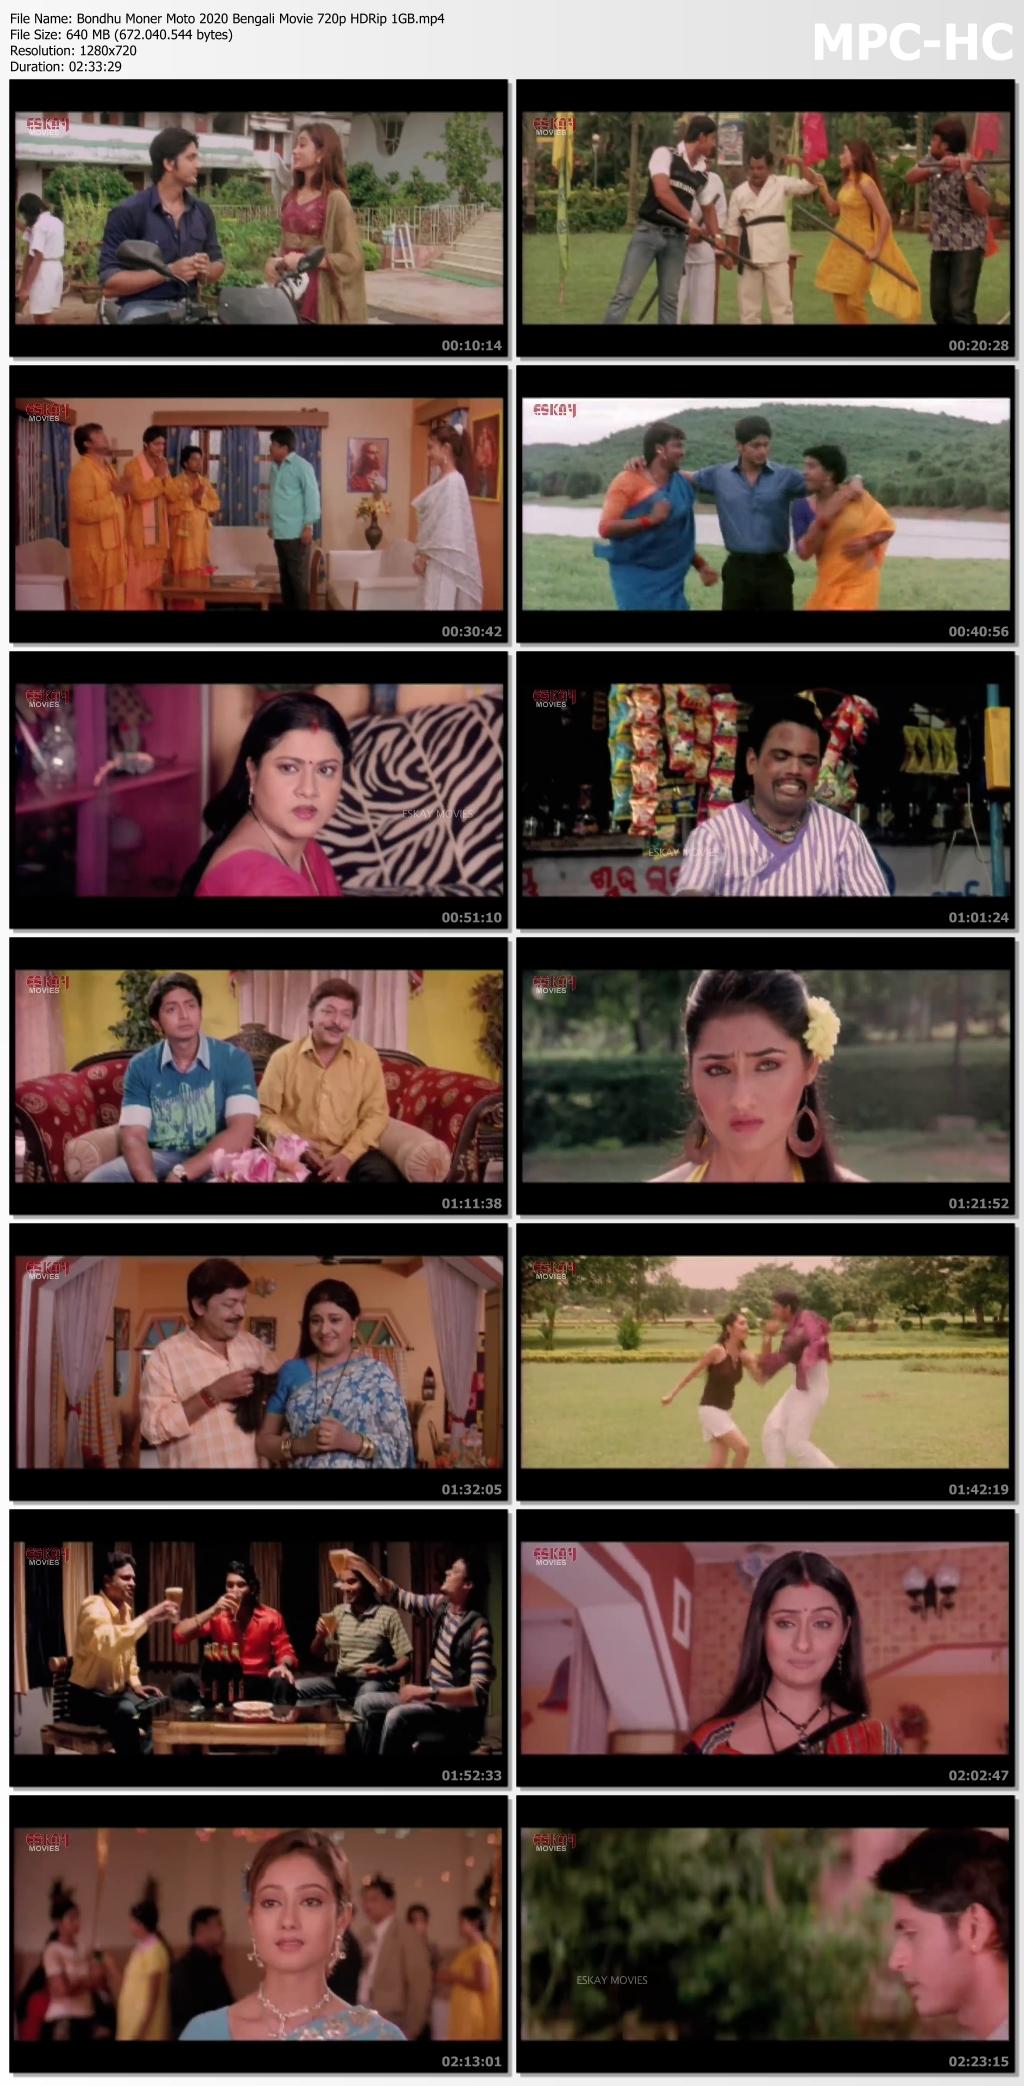 Bondhu-Moner-Moto-2020-Bengali-Movie-720p-HDRip-1-GB-mp4-thumbs